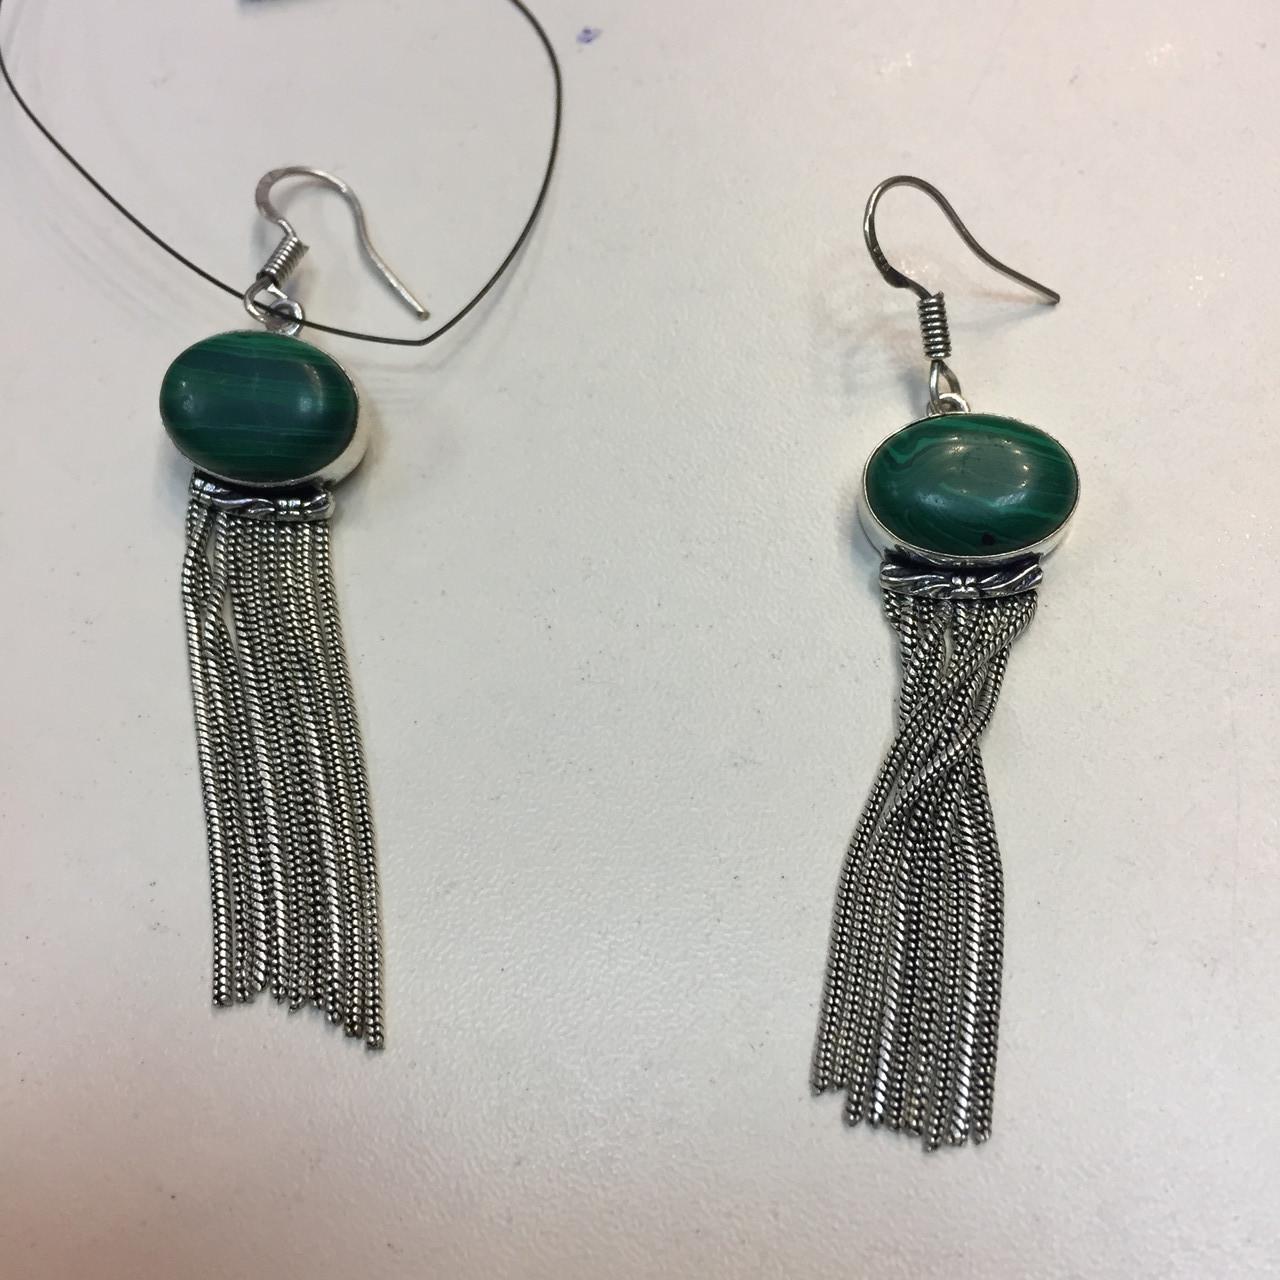 Малахіт сережки з малахітом сережки бахрома з каменем малахіт в сріблі Індія